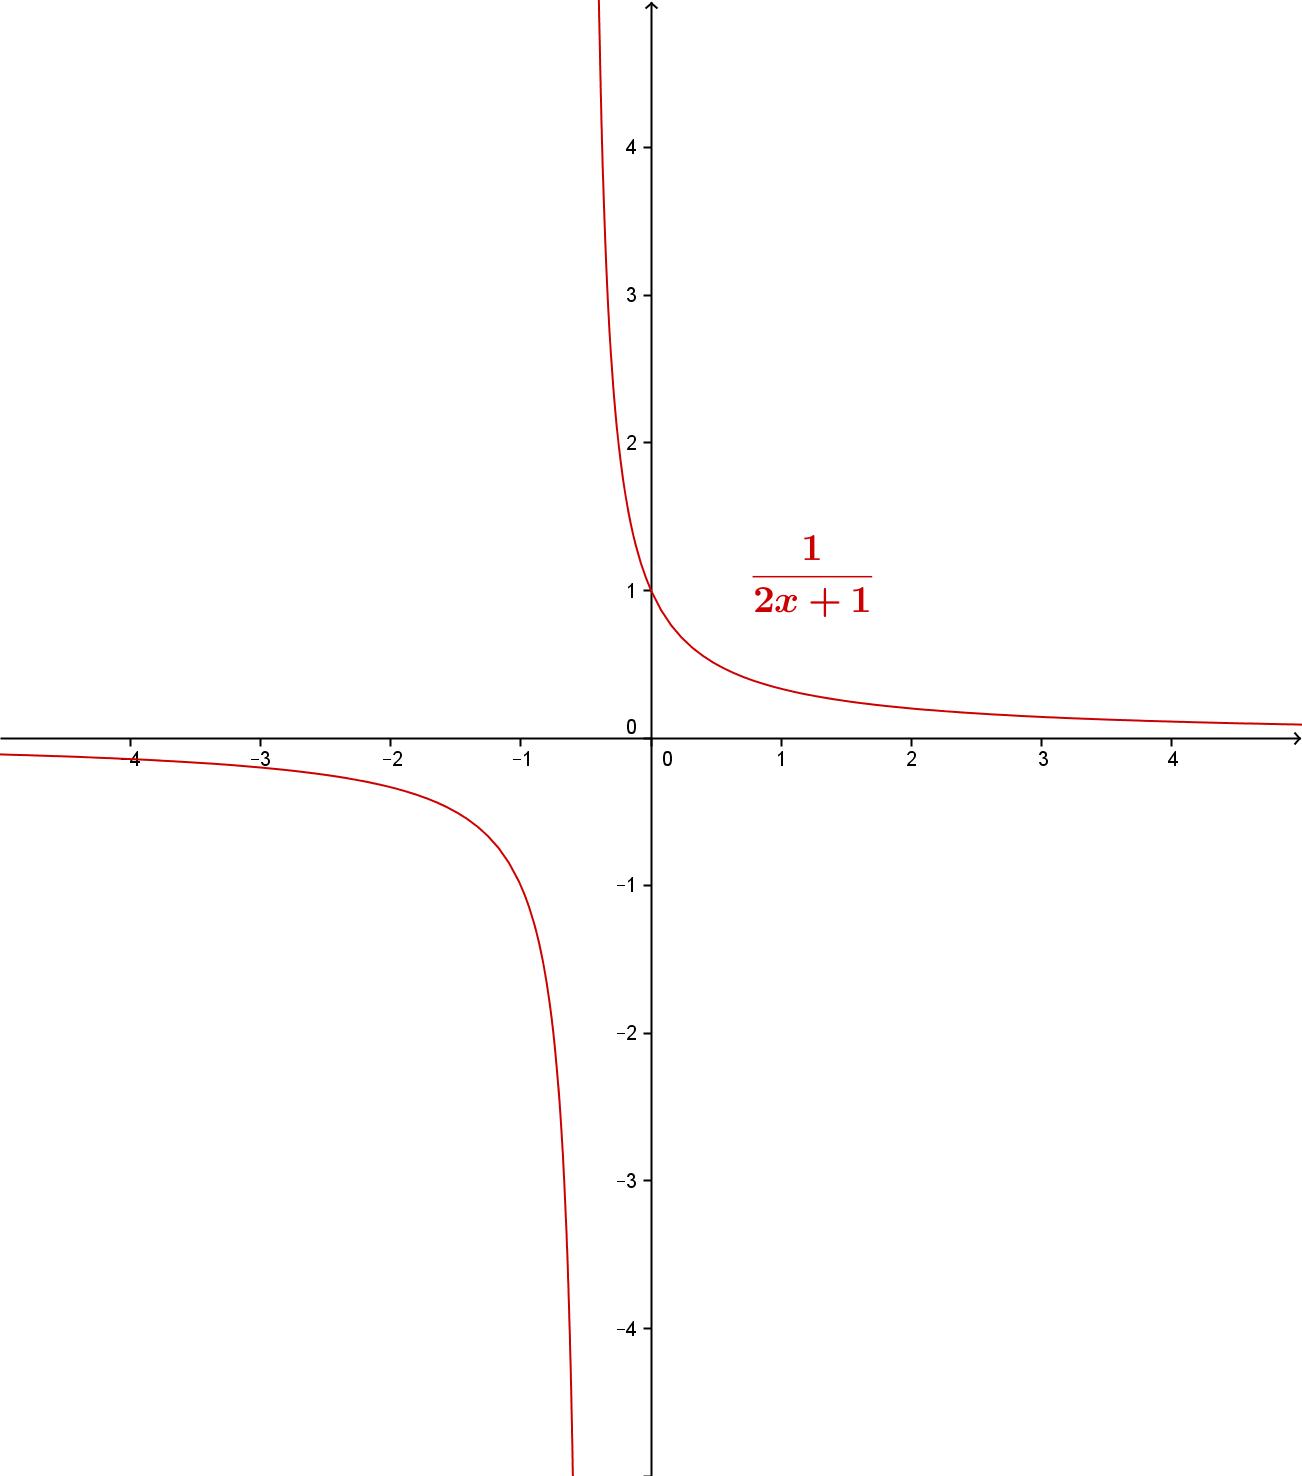 Grafen til den rasjonale funksjonen 1 / (2x + 1)